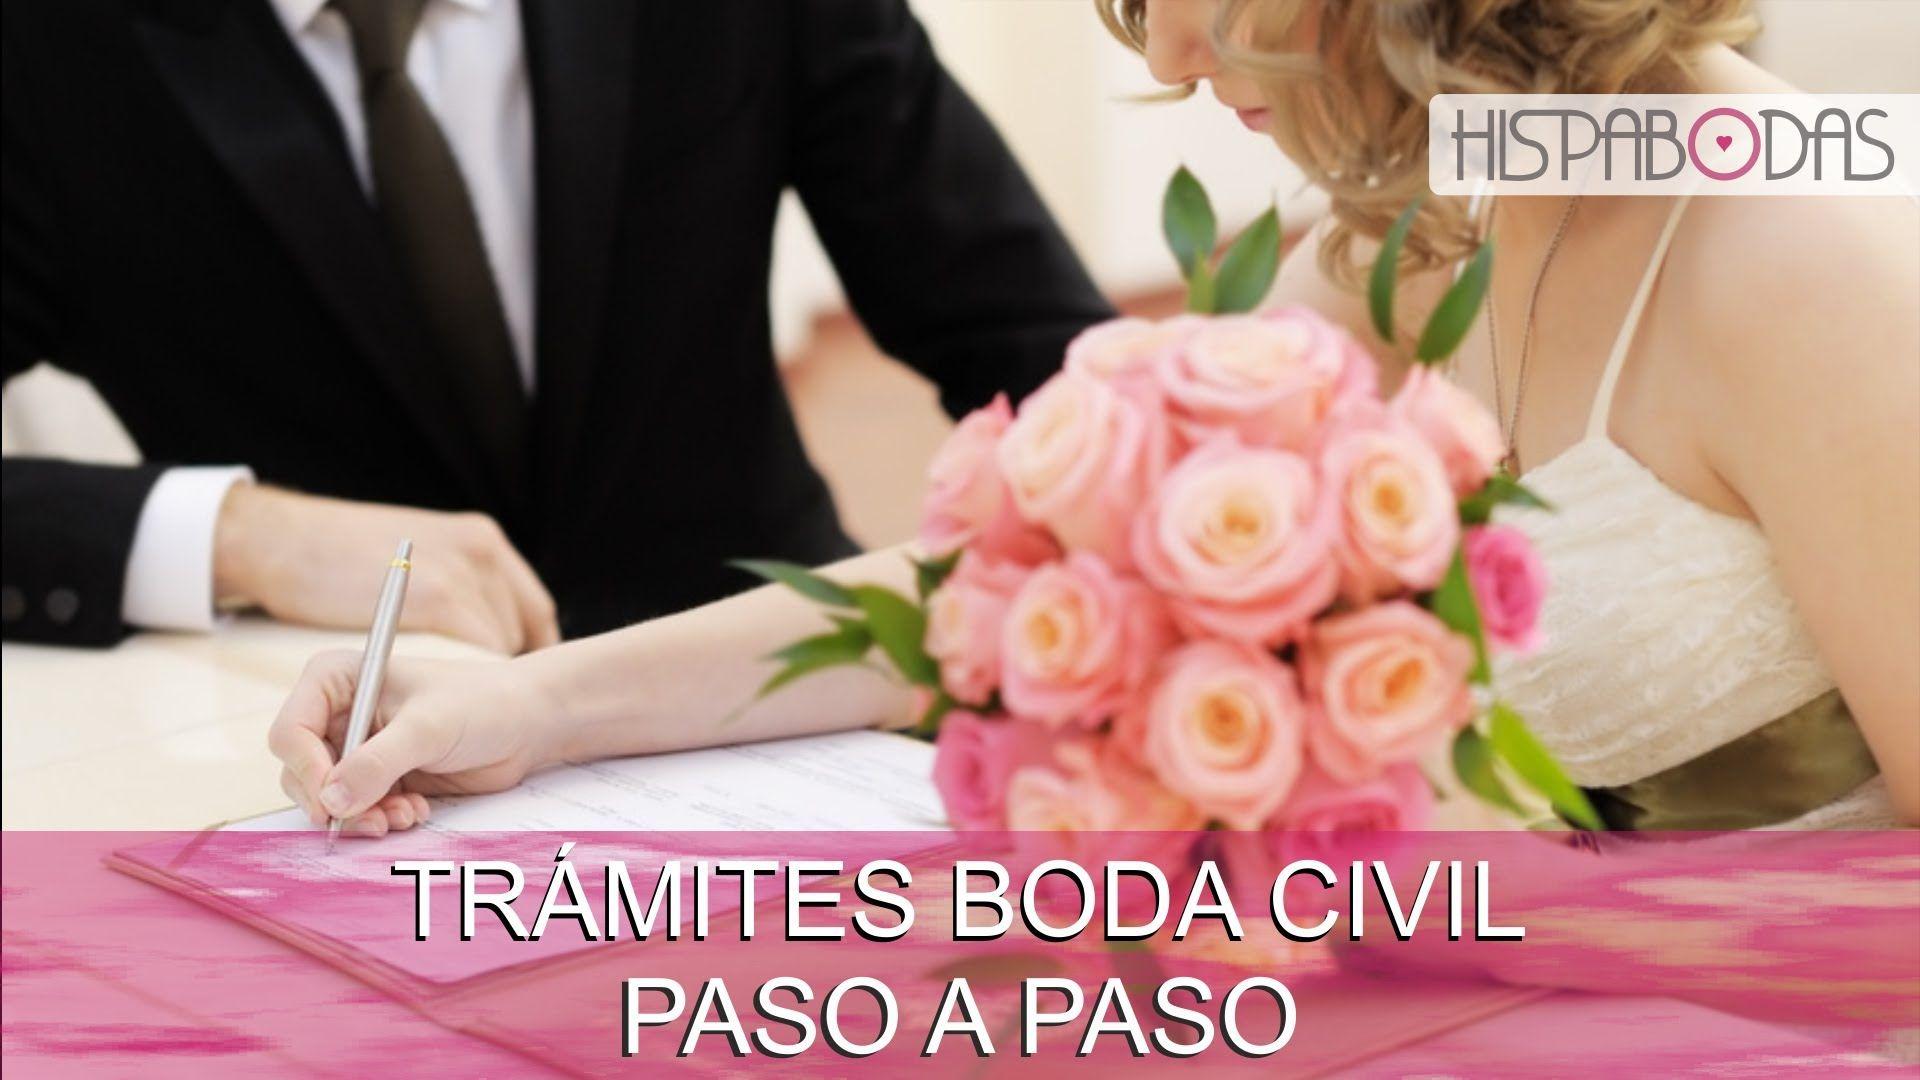 Trámites y papeles necesarios para un boda civil #HispaBodasTV #bodacivil